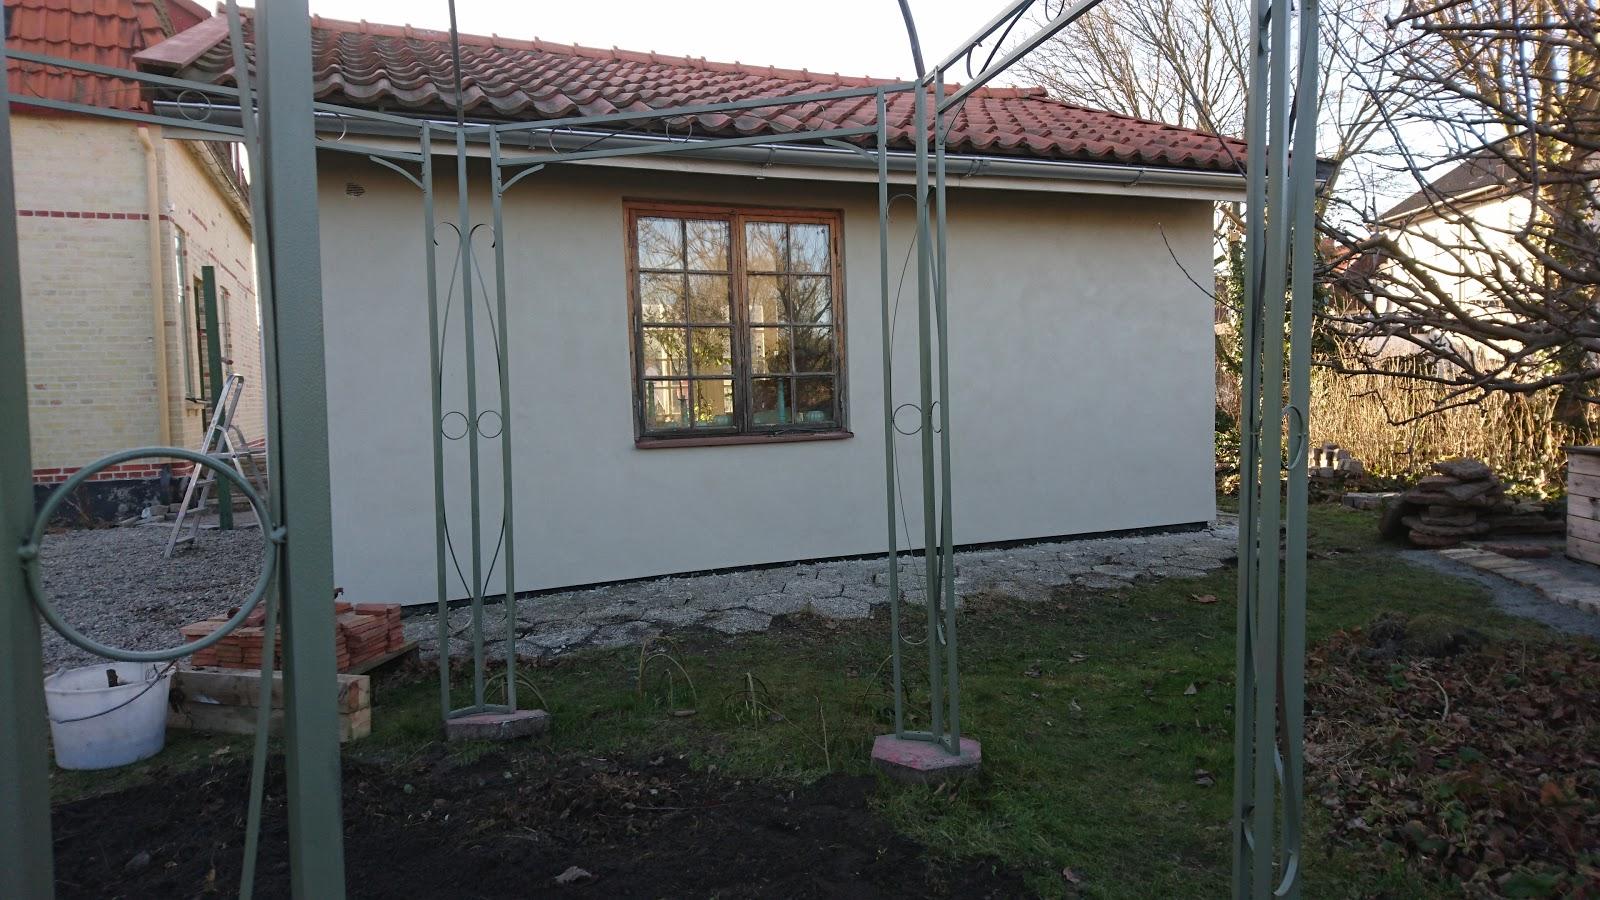 Jugendhuset: stajla en rospergola från clas ohlson!